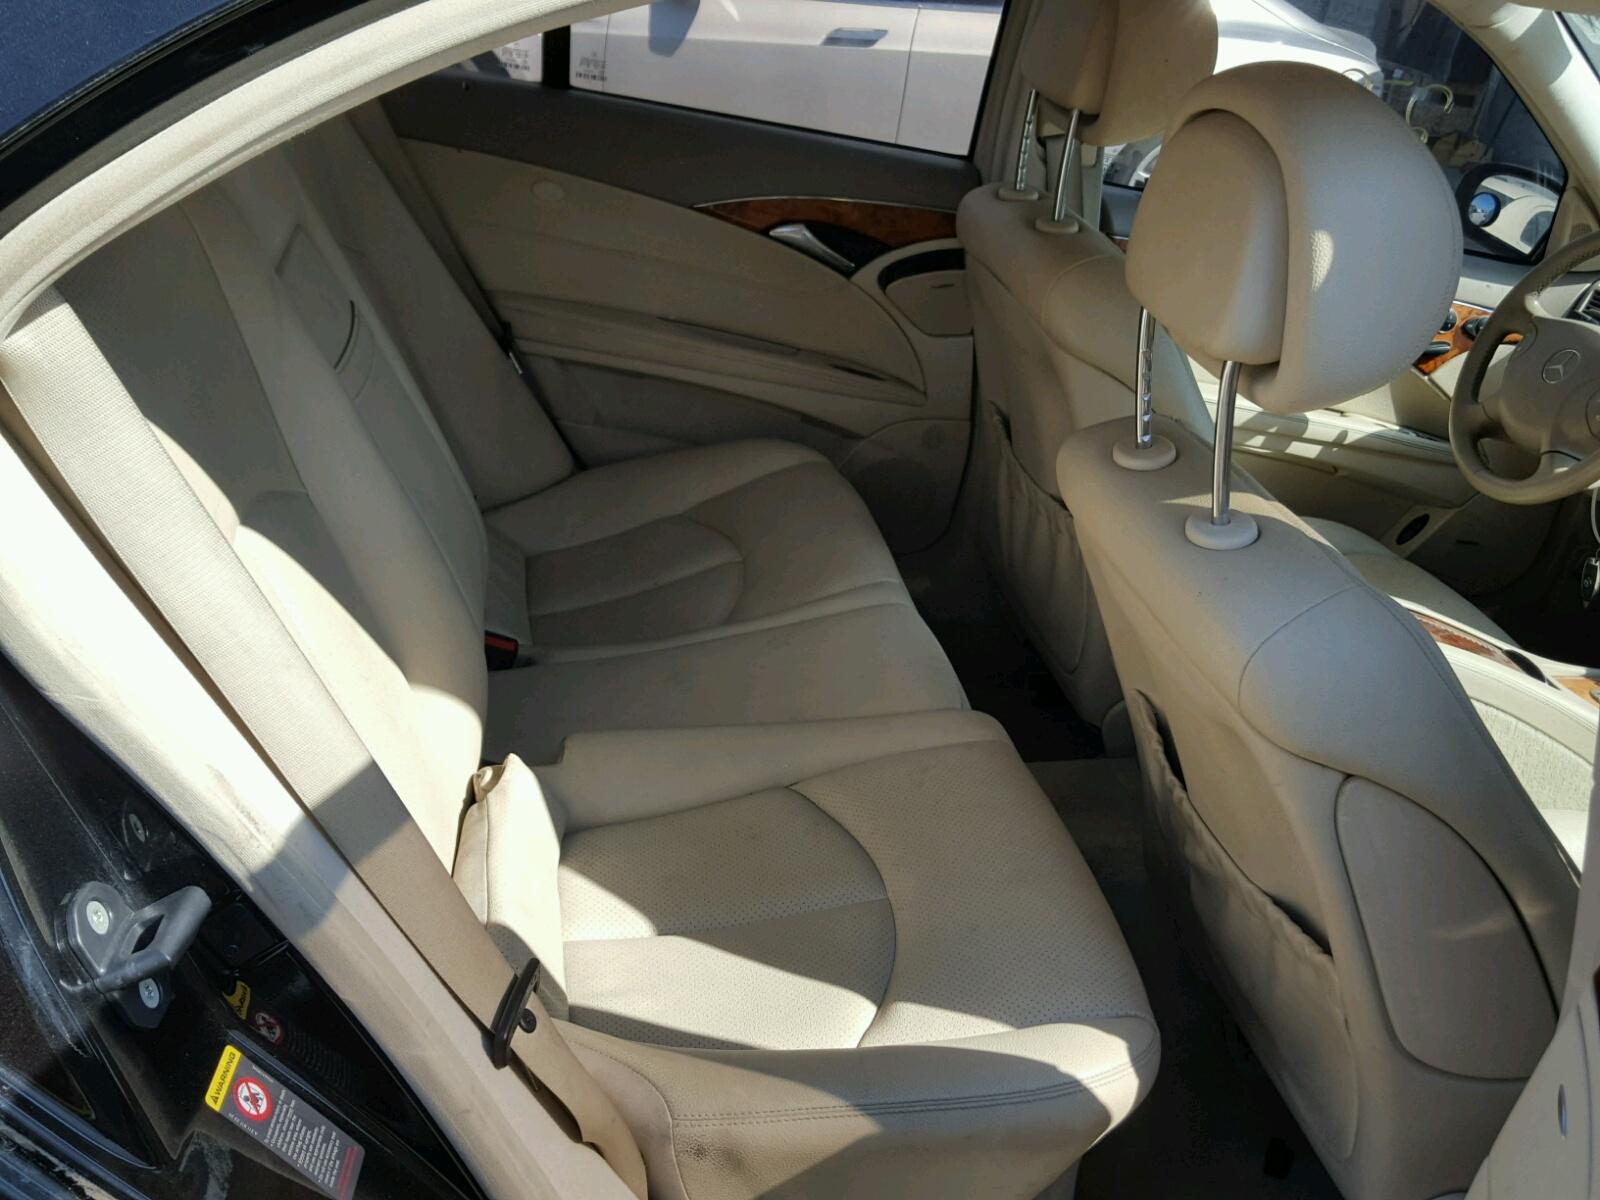 2006 Mercedes Benz E 350 в продаже Экономия на авто и боРее